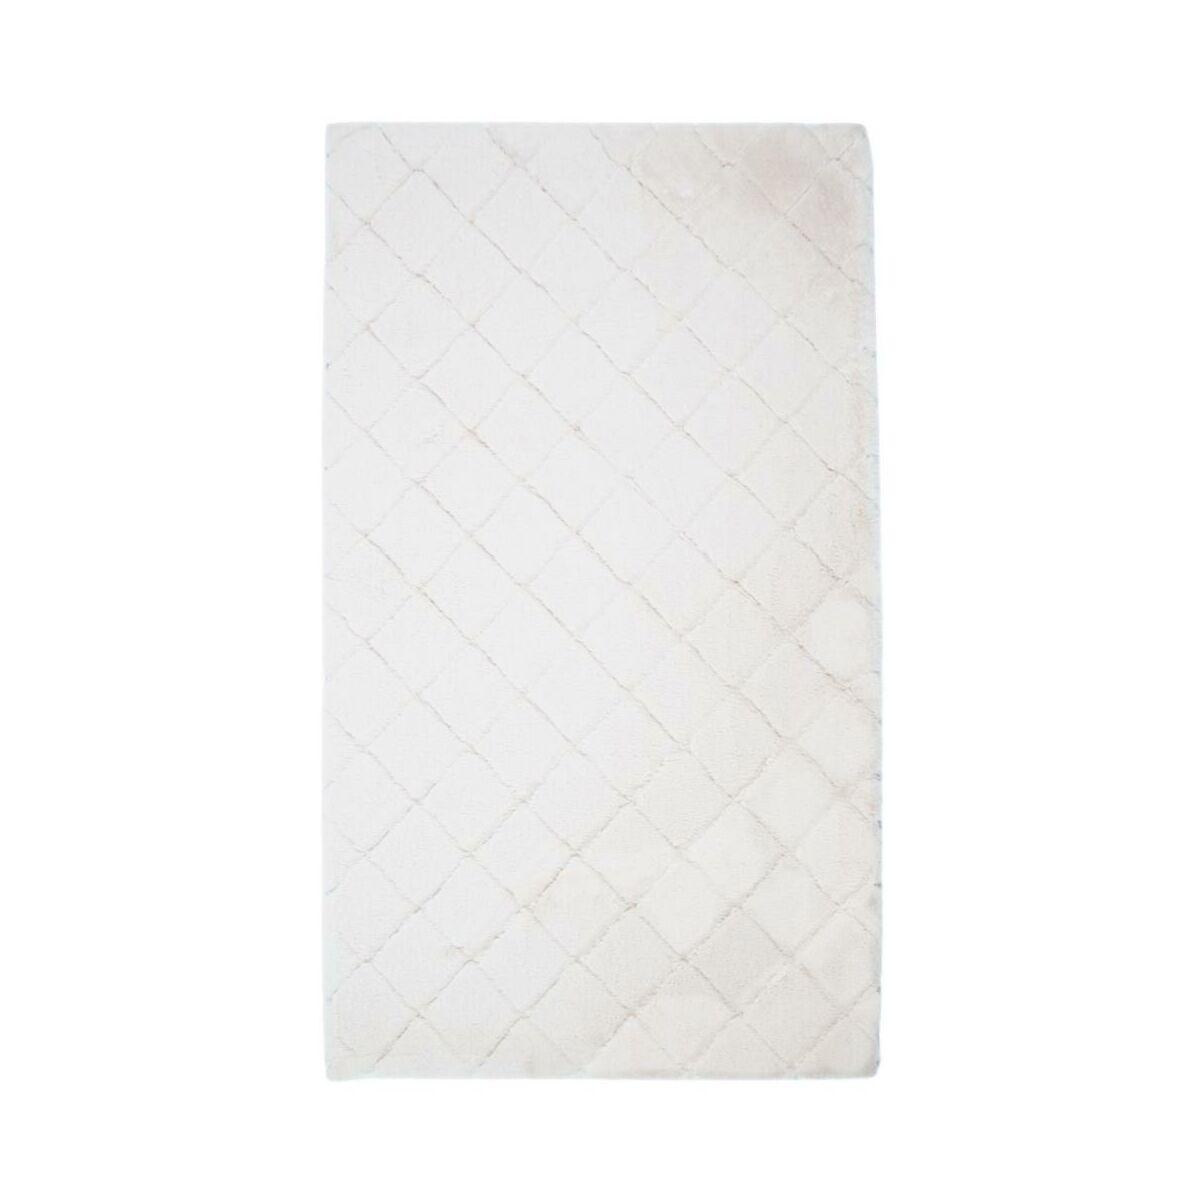 Dywan shaggy MODENA szary 80 x 140 cm Dywany wewnętrzne